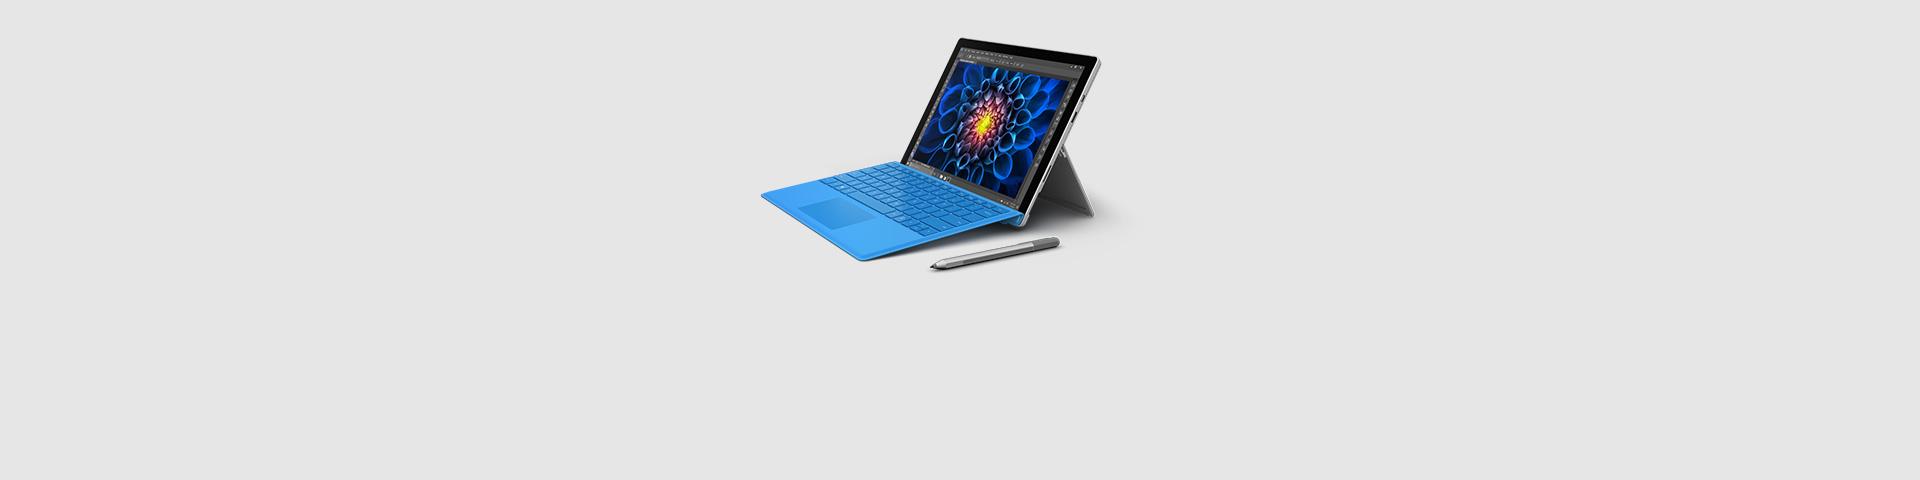 Urządzenie Surface Pro 4